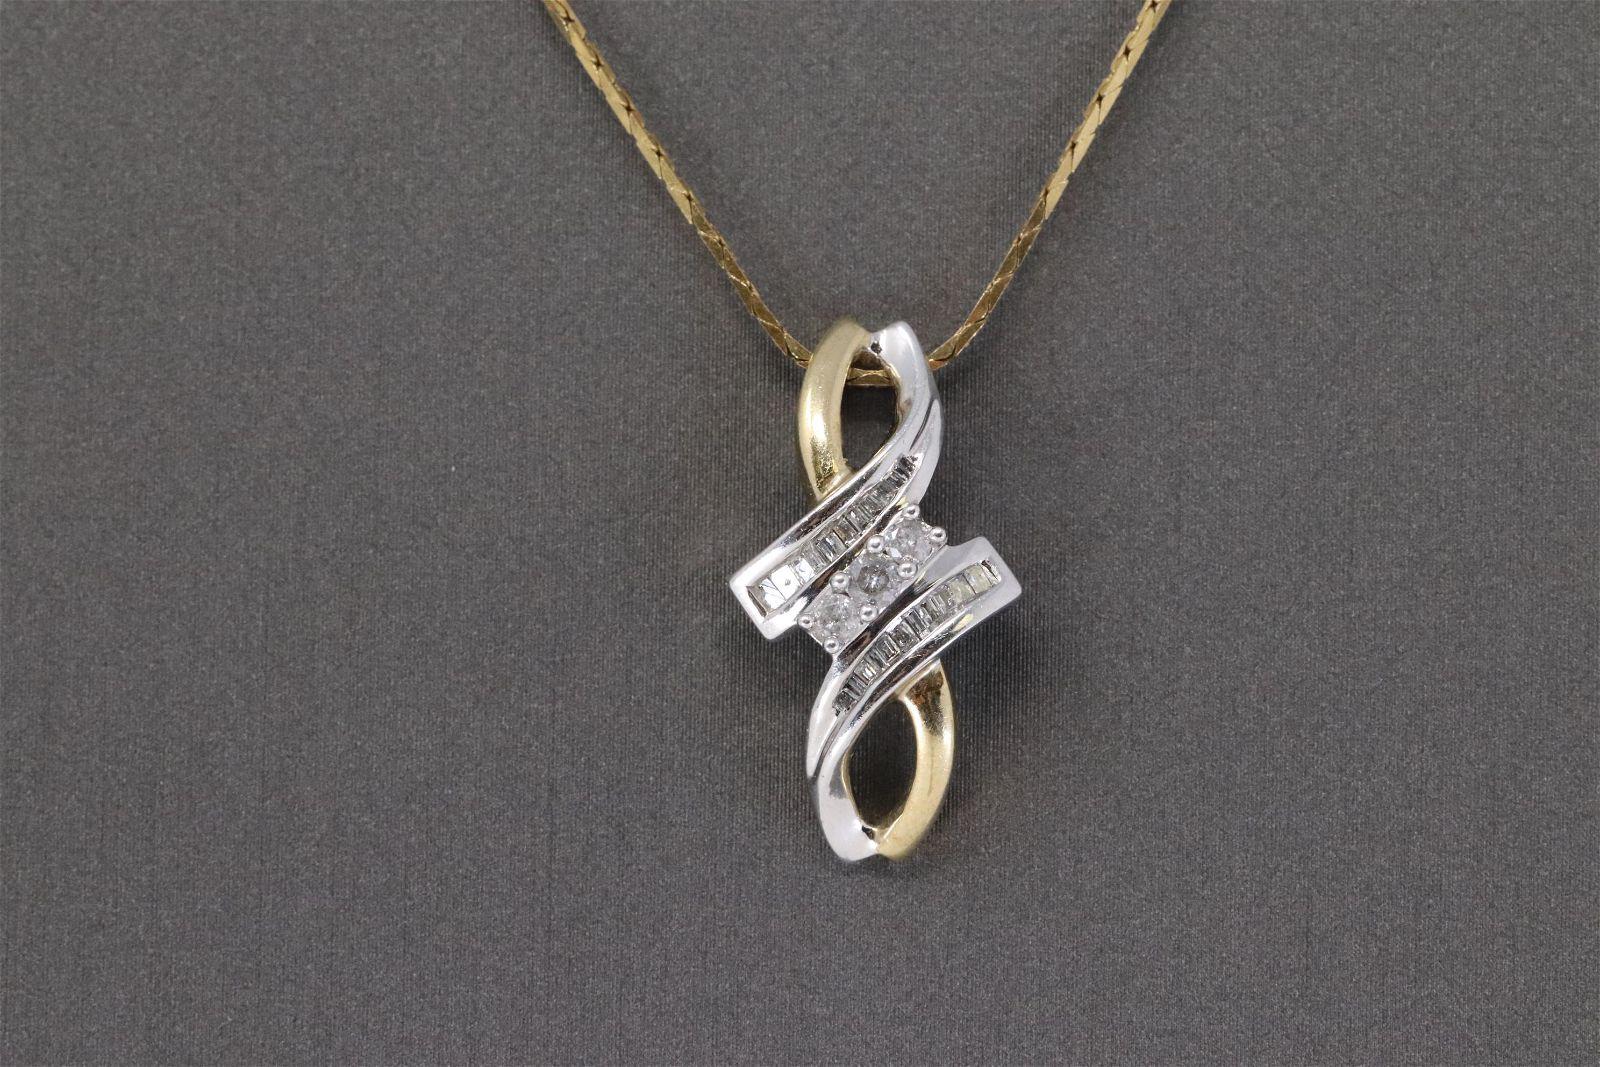 14 kt Ladies Diamond Necklace.